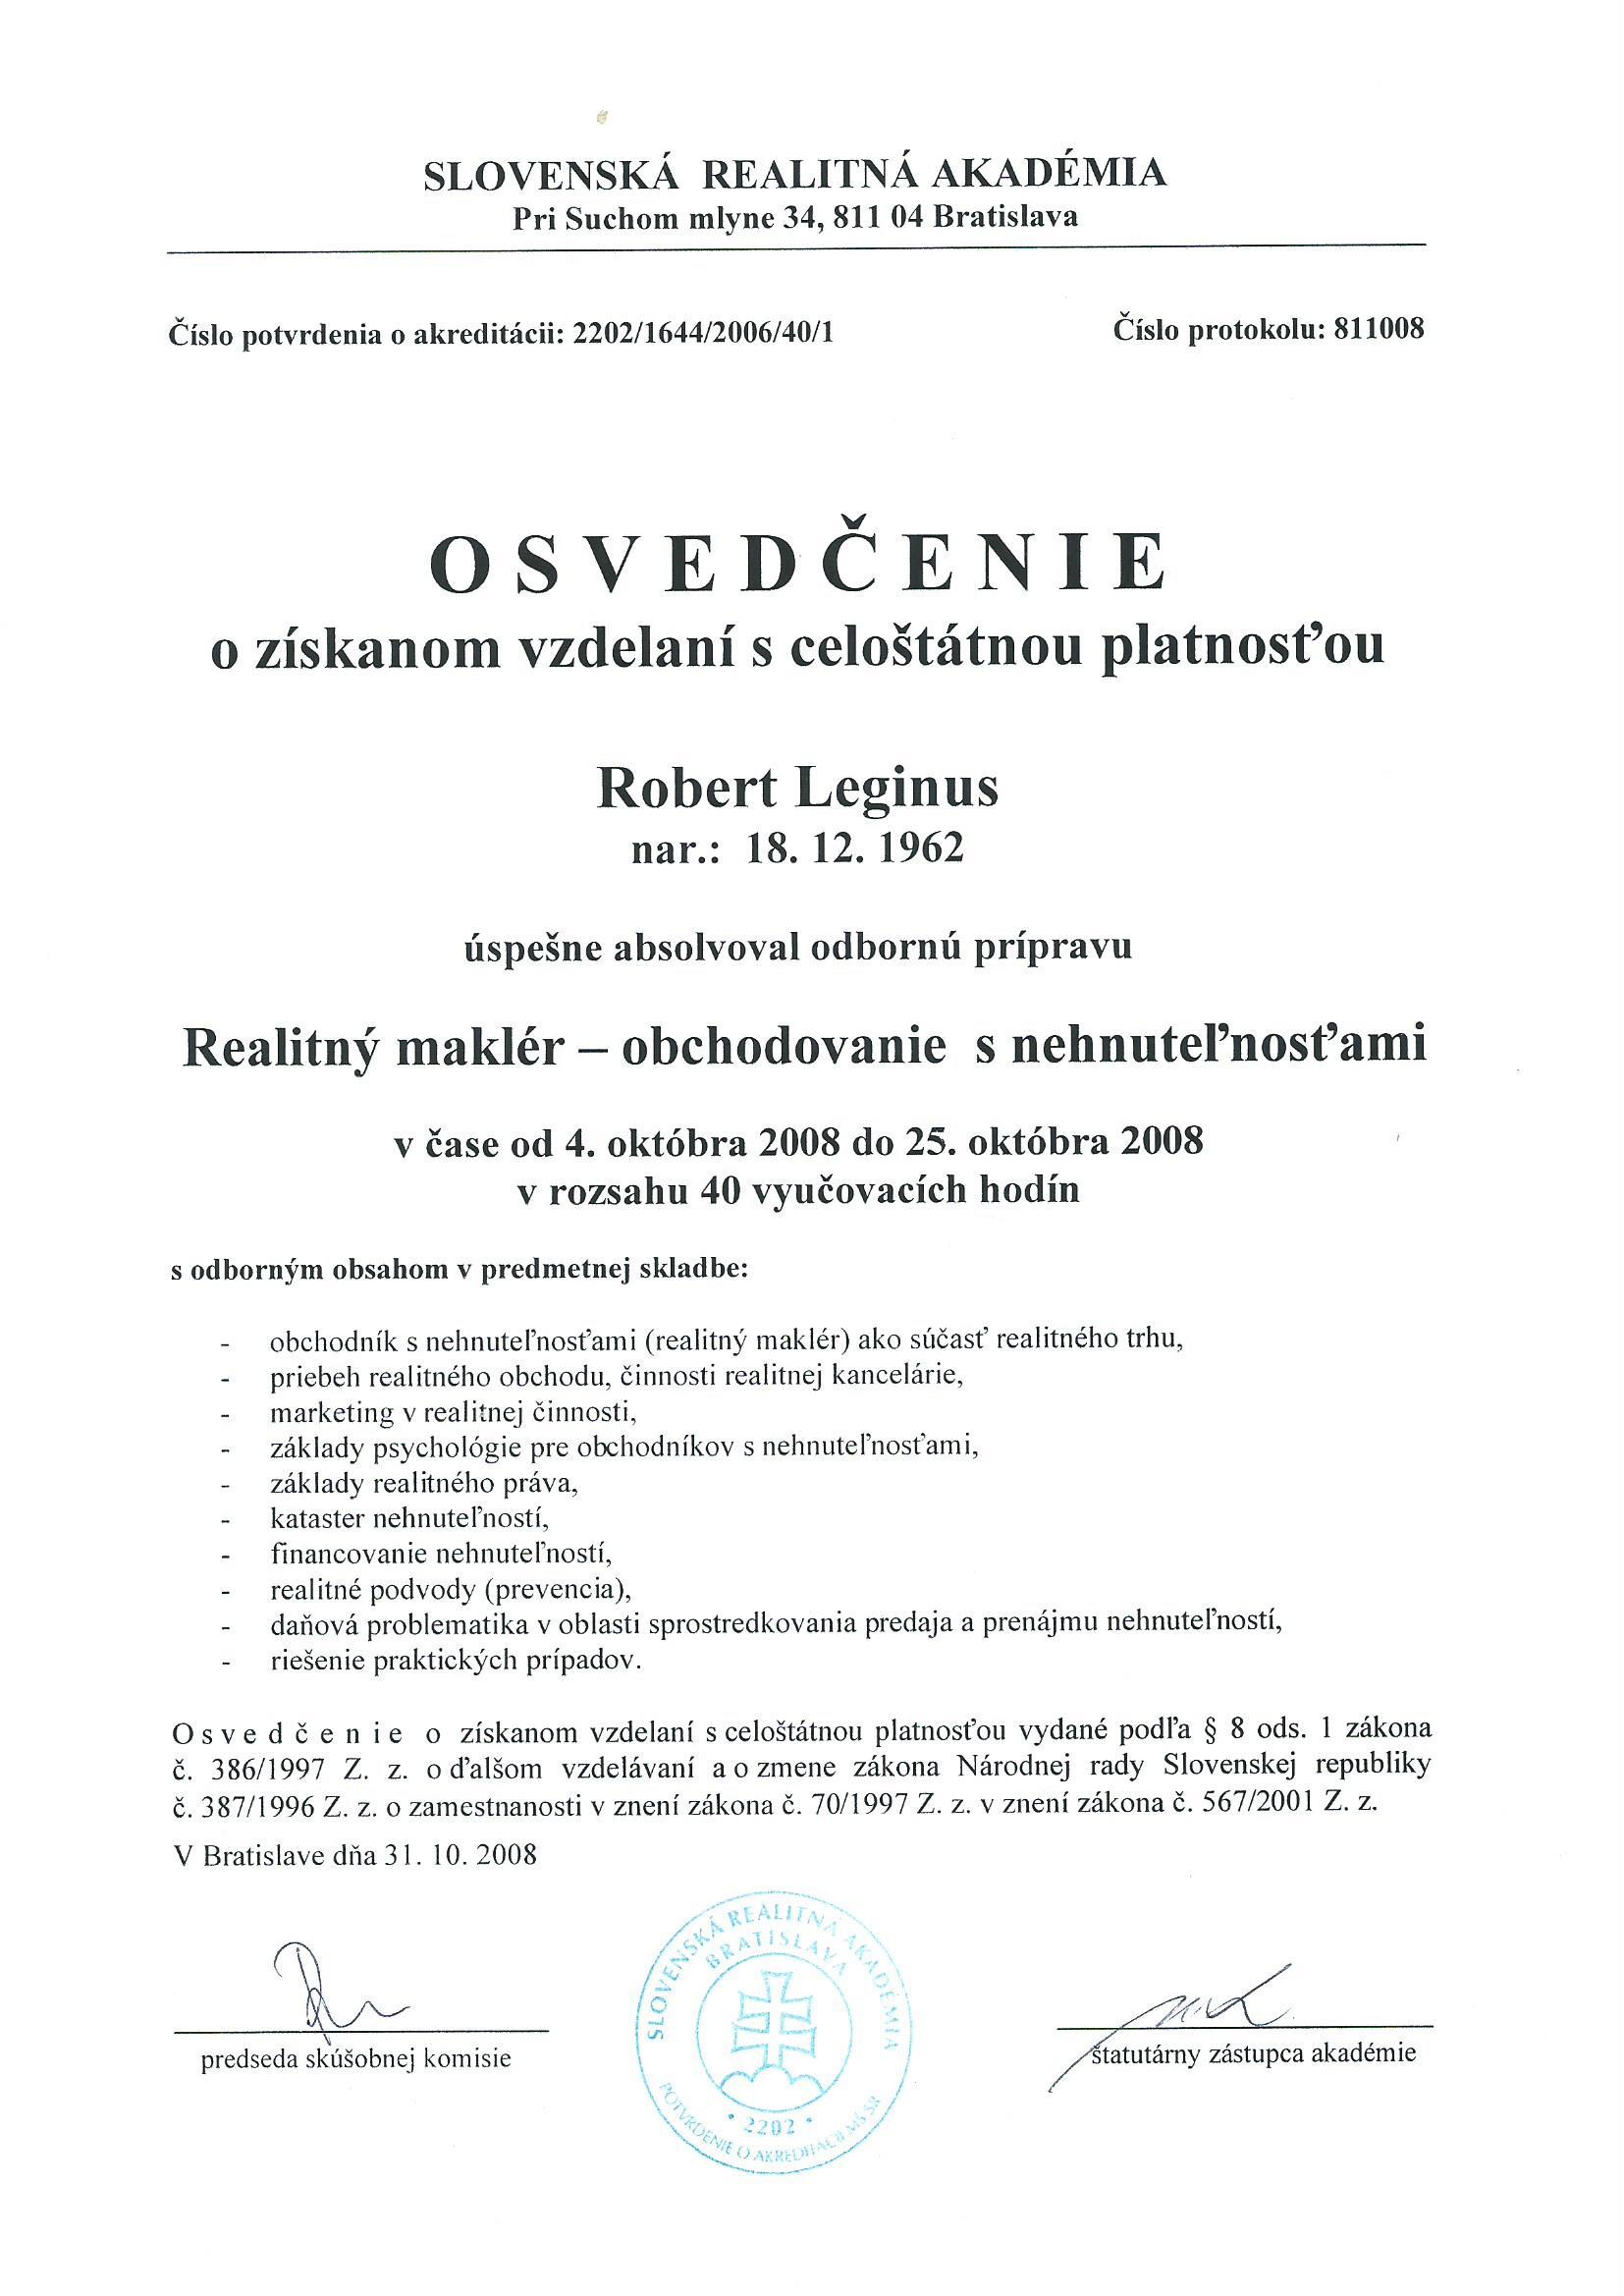 Certifikát - sprostredkovanie obchodu s nehnuteľnostami